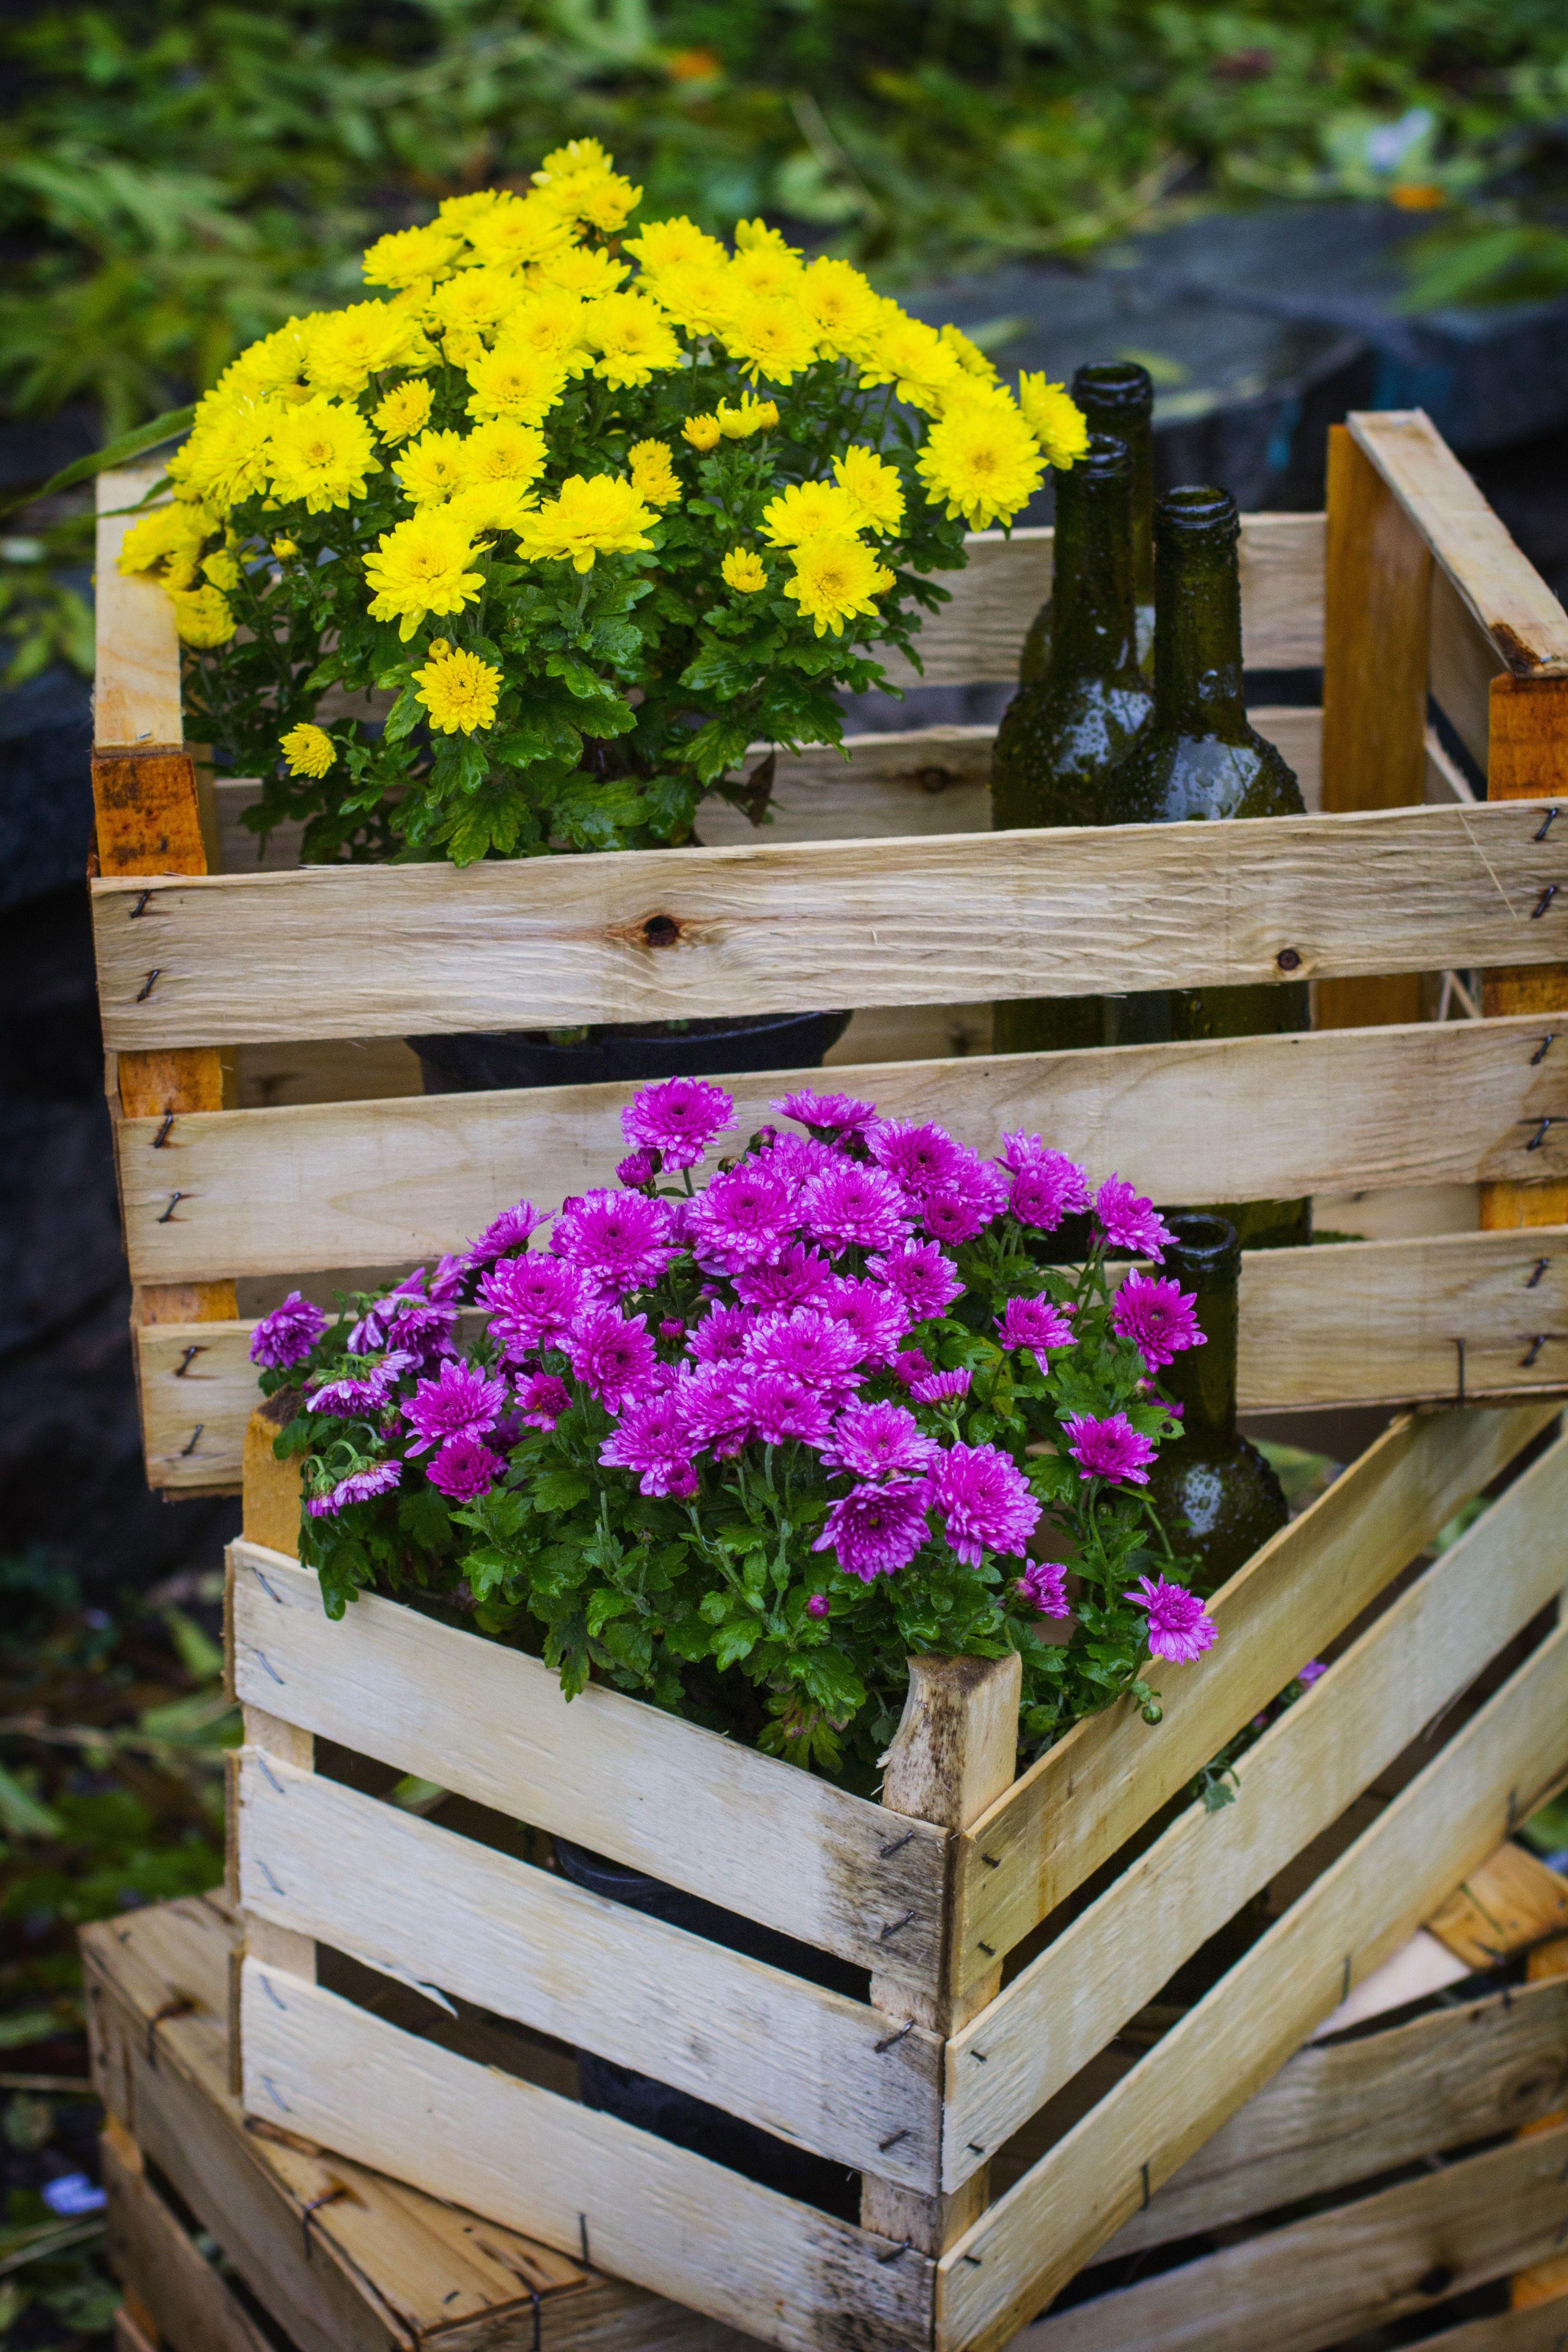 Herbstpflanzen Fur Terrasse Und Balkon Das Haus Pflanzen Herbstpflanzen Chrysanthemen